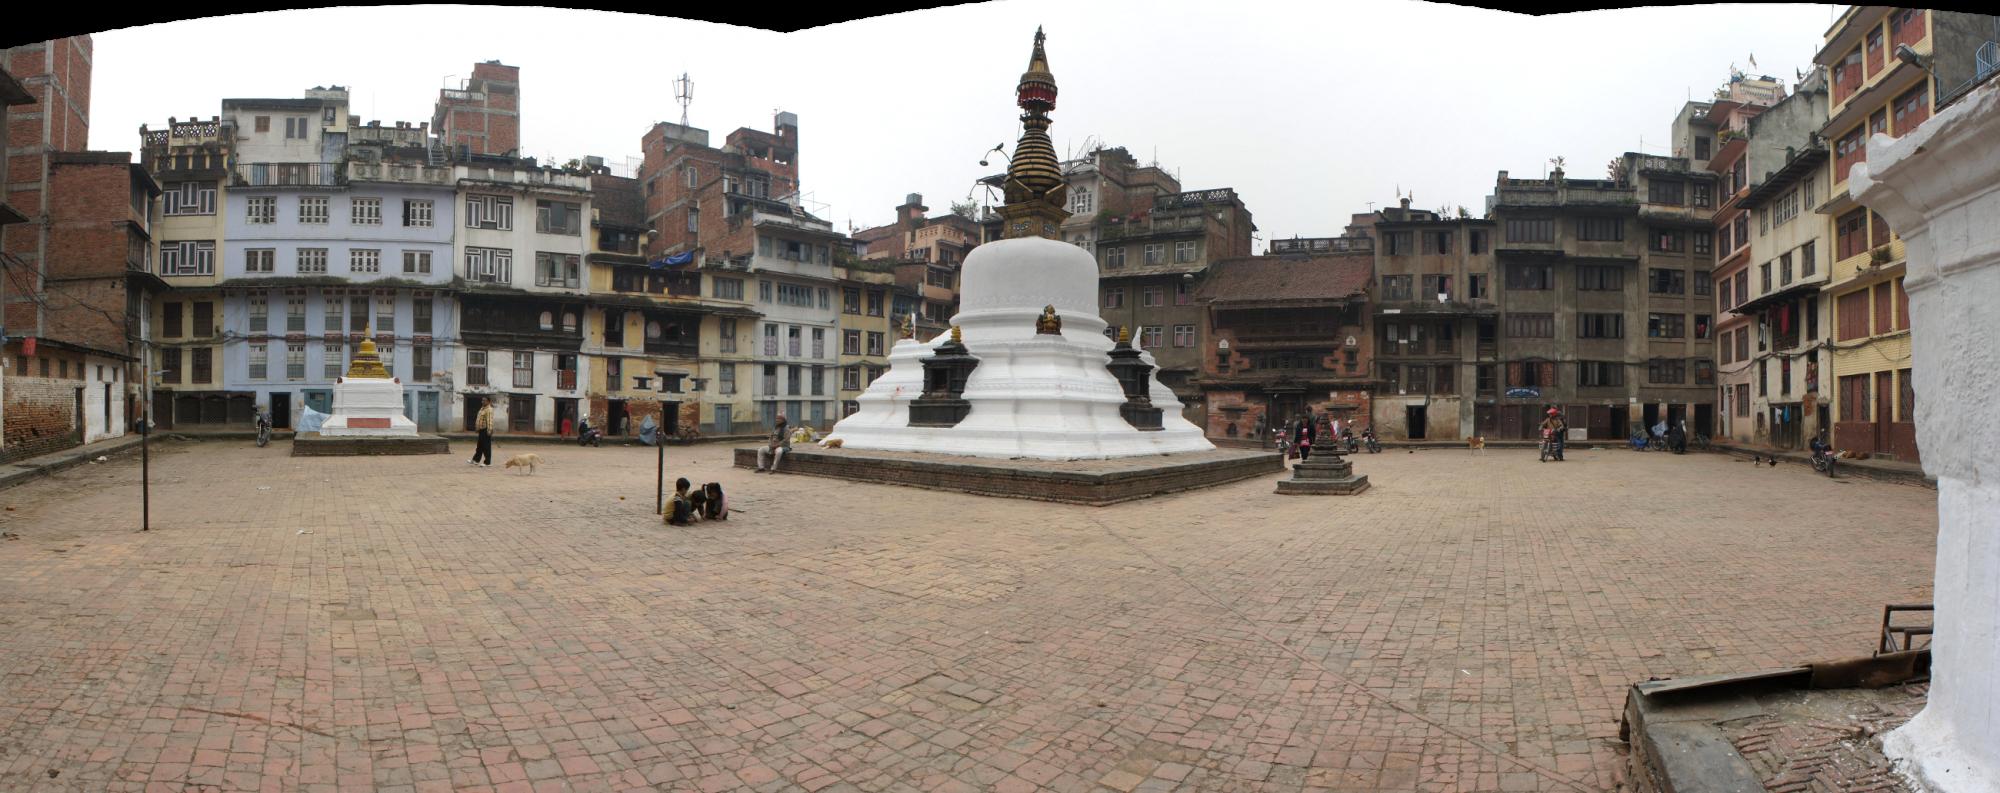 Stupa dans une cour intérieure